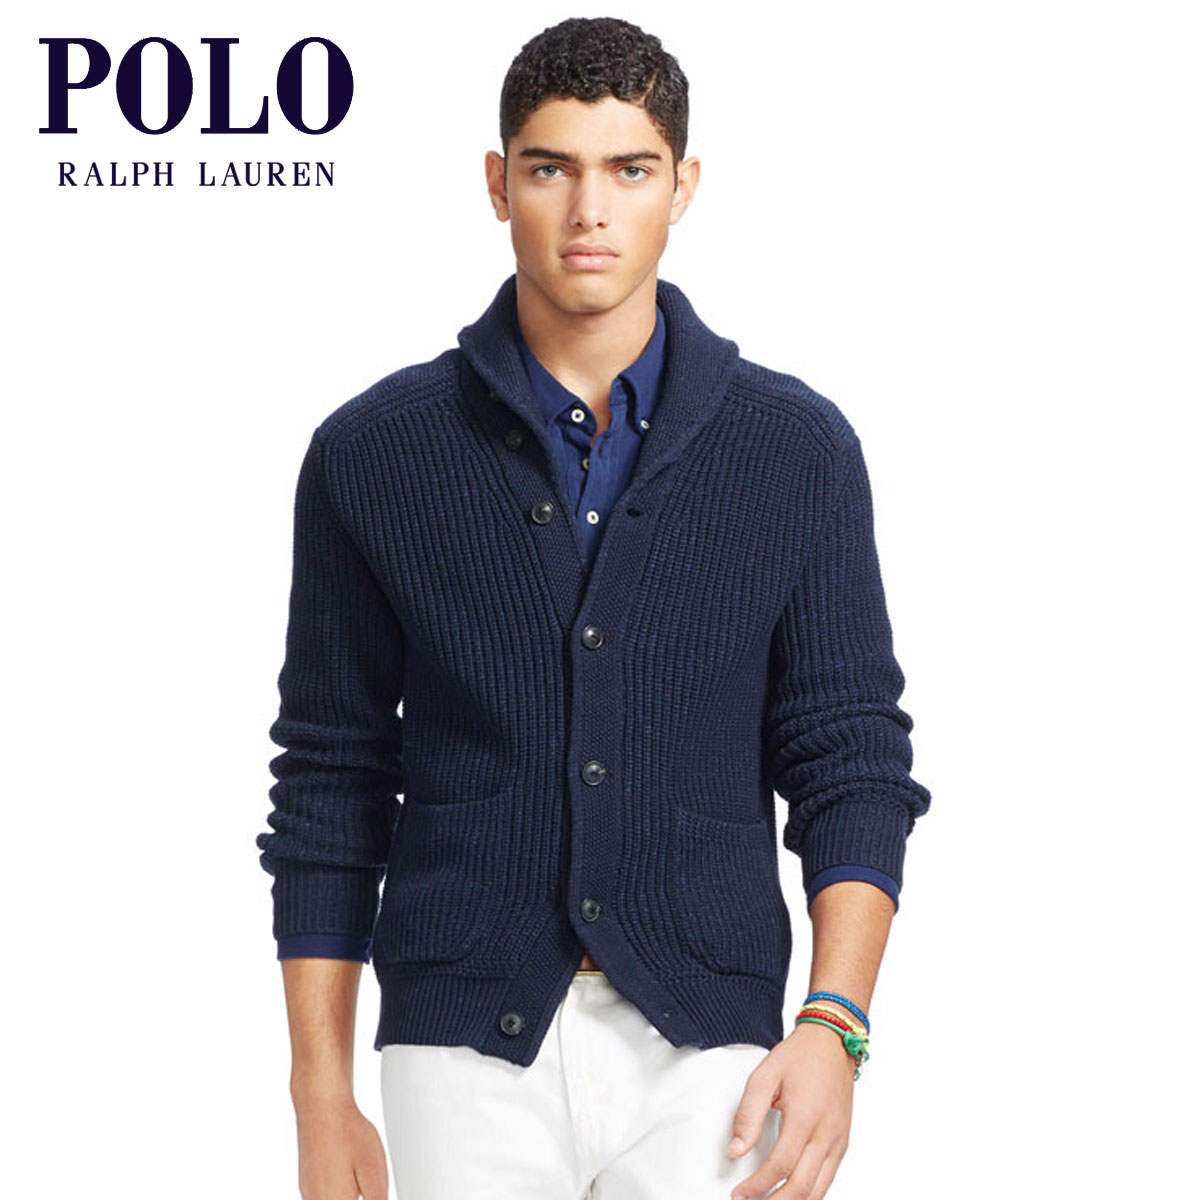 2d3f53a4e009 Polo Ralph Lauren POLO RALPH LAUREN regular article men cardigan COTTON  SHAWL-COLLAR CARDIGAN D00S20 ...